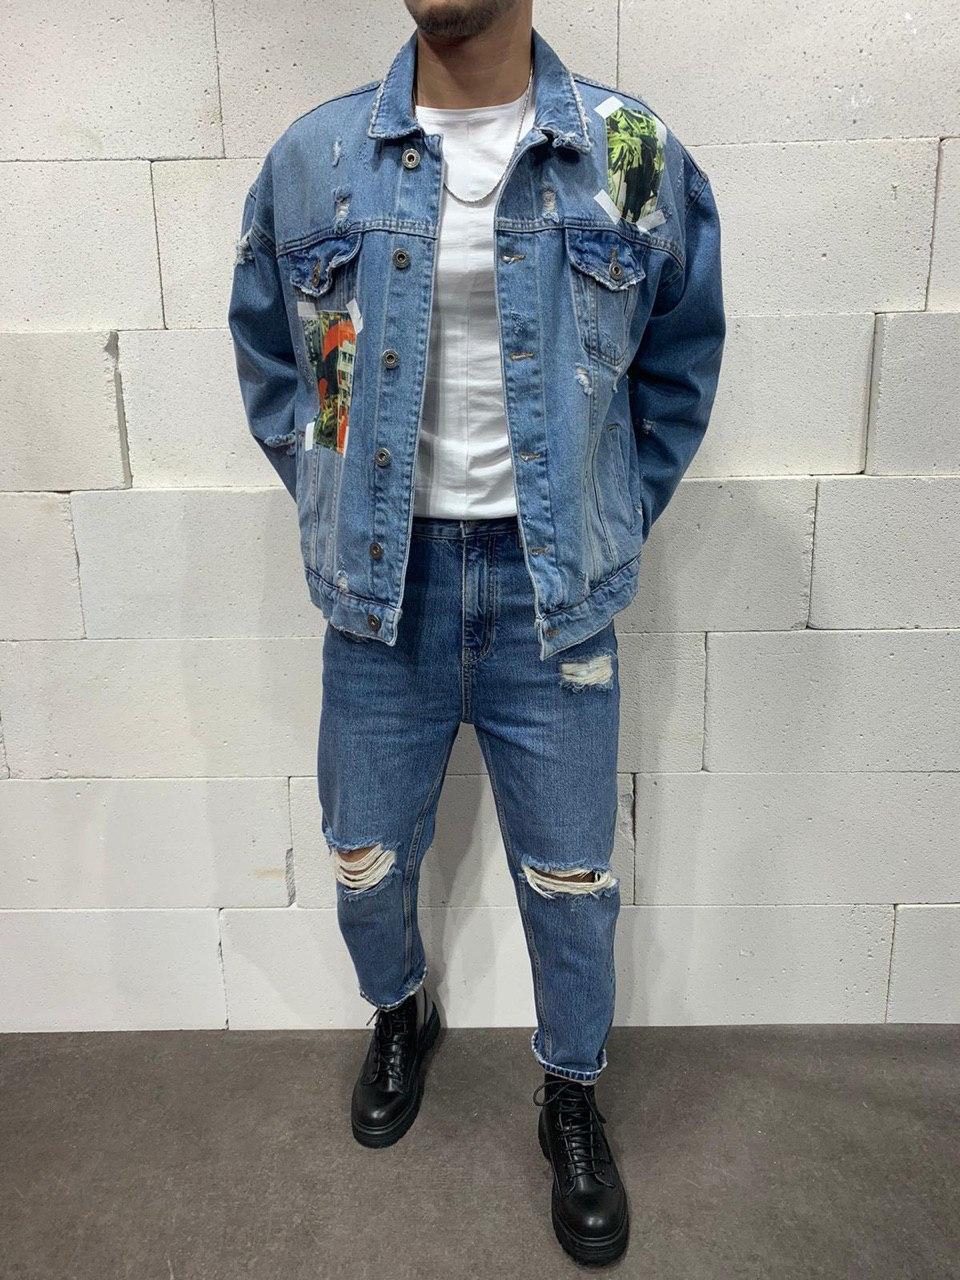 😝 Джинсы - Голубые мужские джинсы бойфренды (мом) широкие